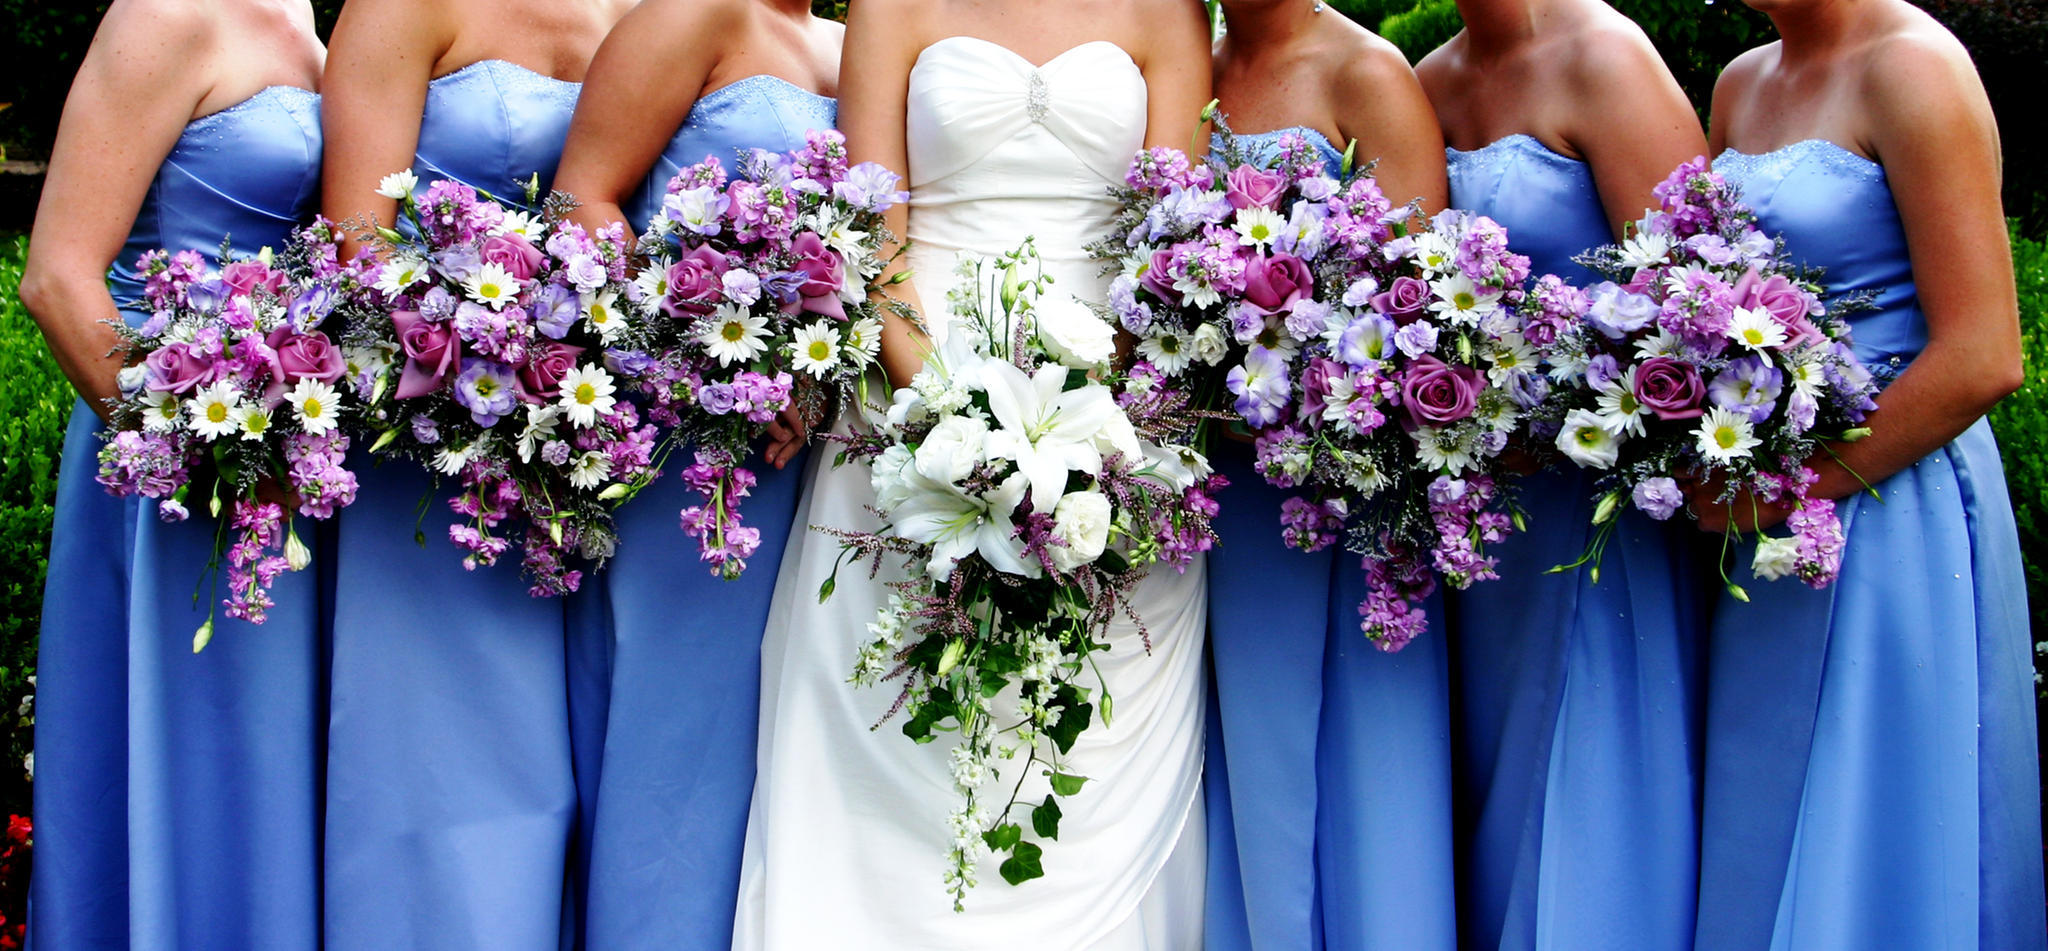 Sechs Gäste tragen auf Hochzeit das gleiche Kleid - unabsichtlich ...